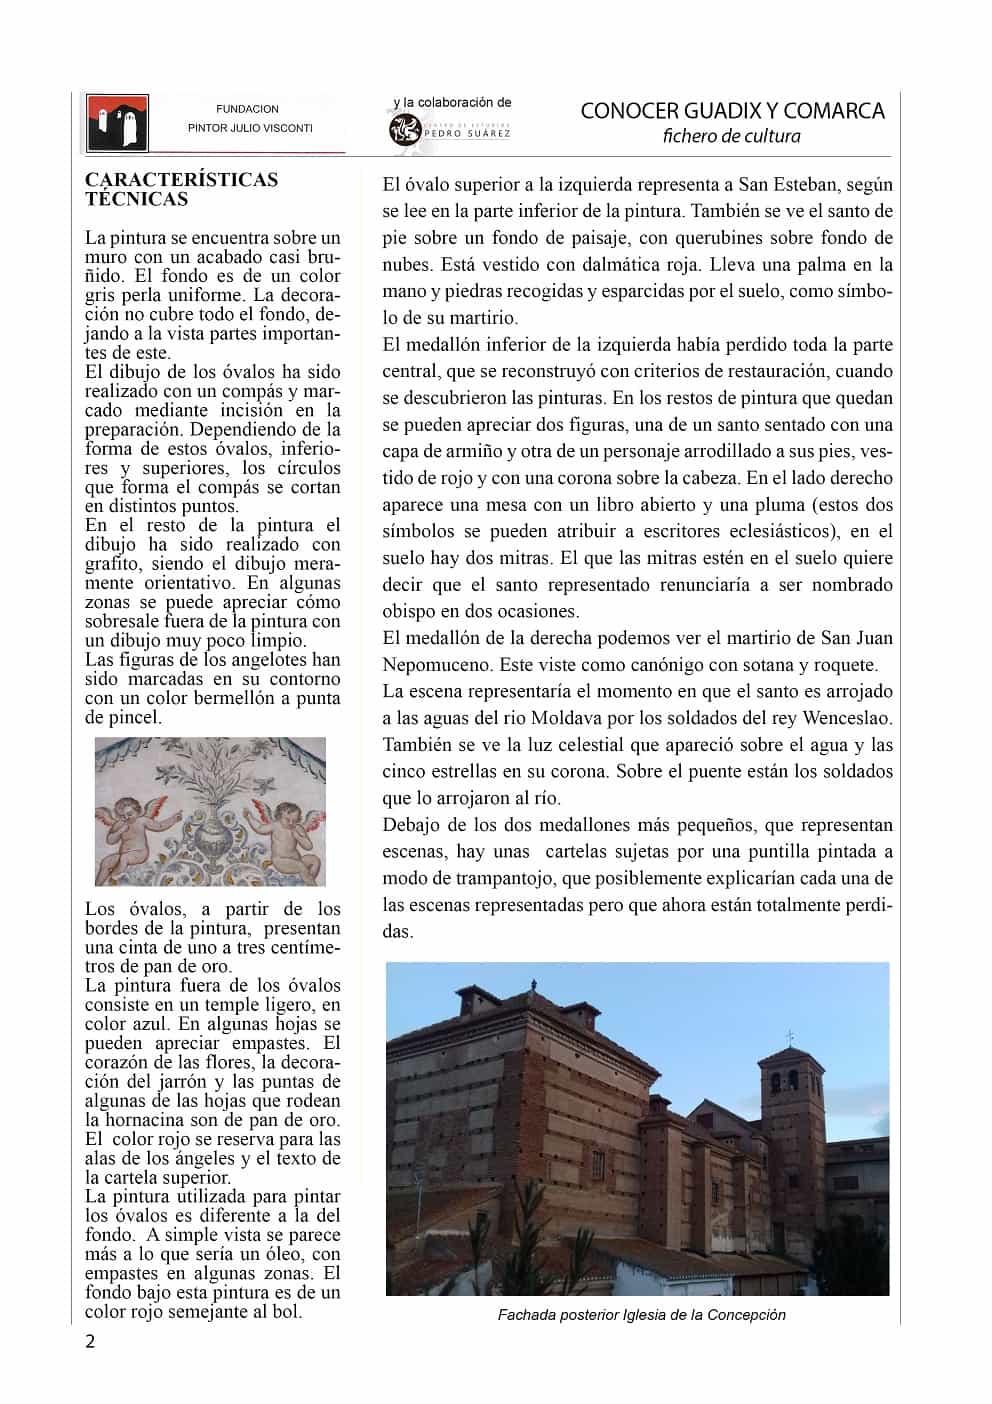 Pinturas de la Concepción 2-min